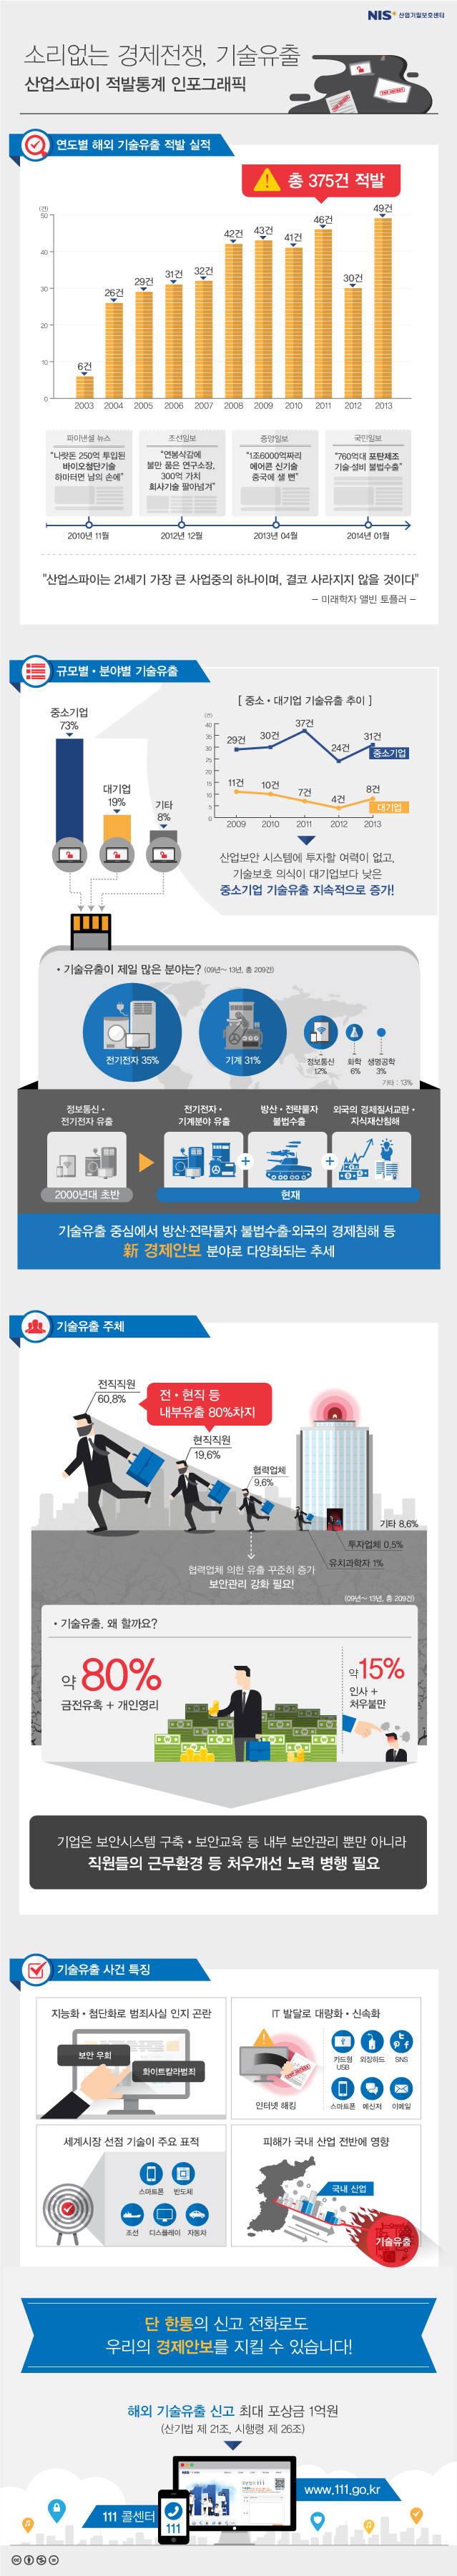 [내부정보유출방지솔루션 특집]내부정보 유출을 차단하라